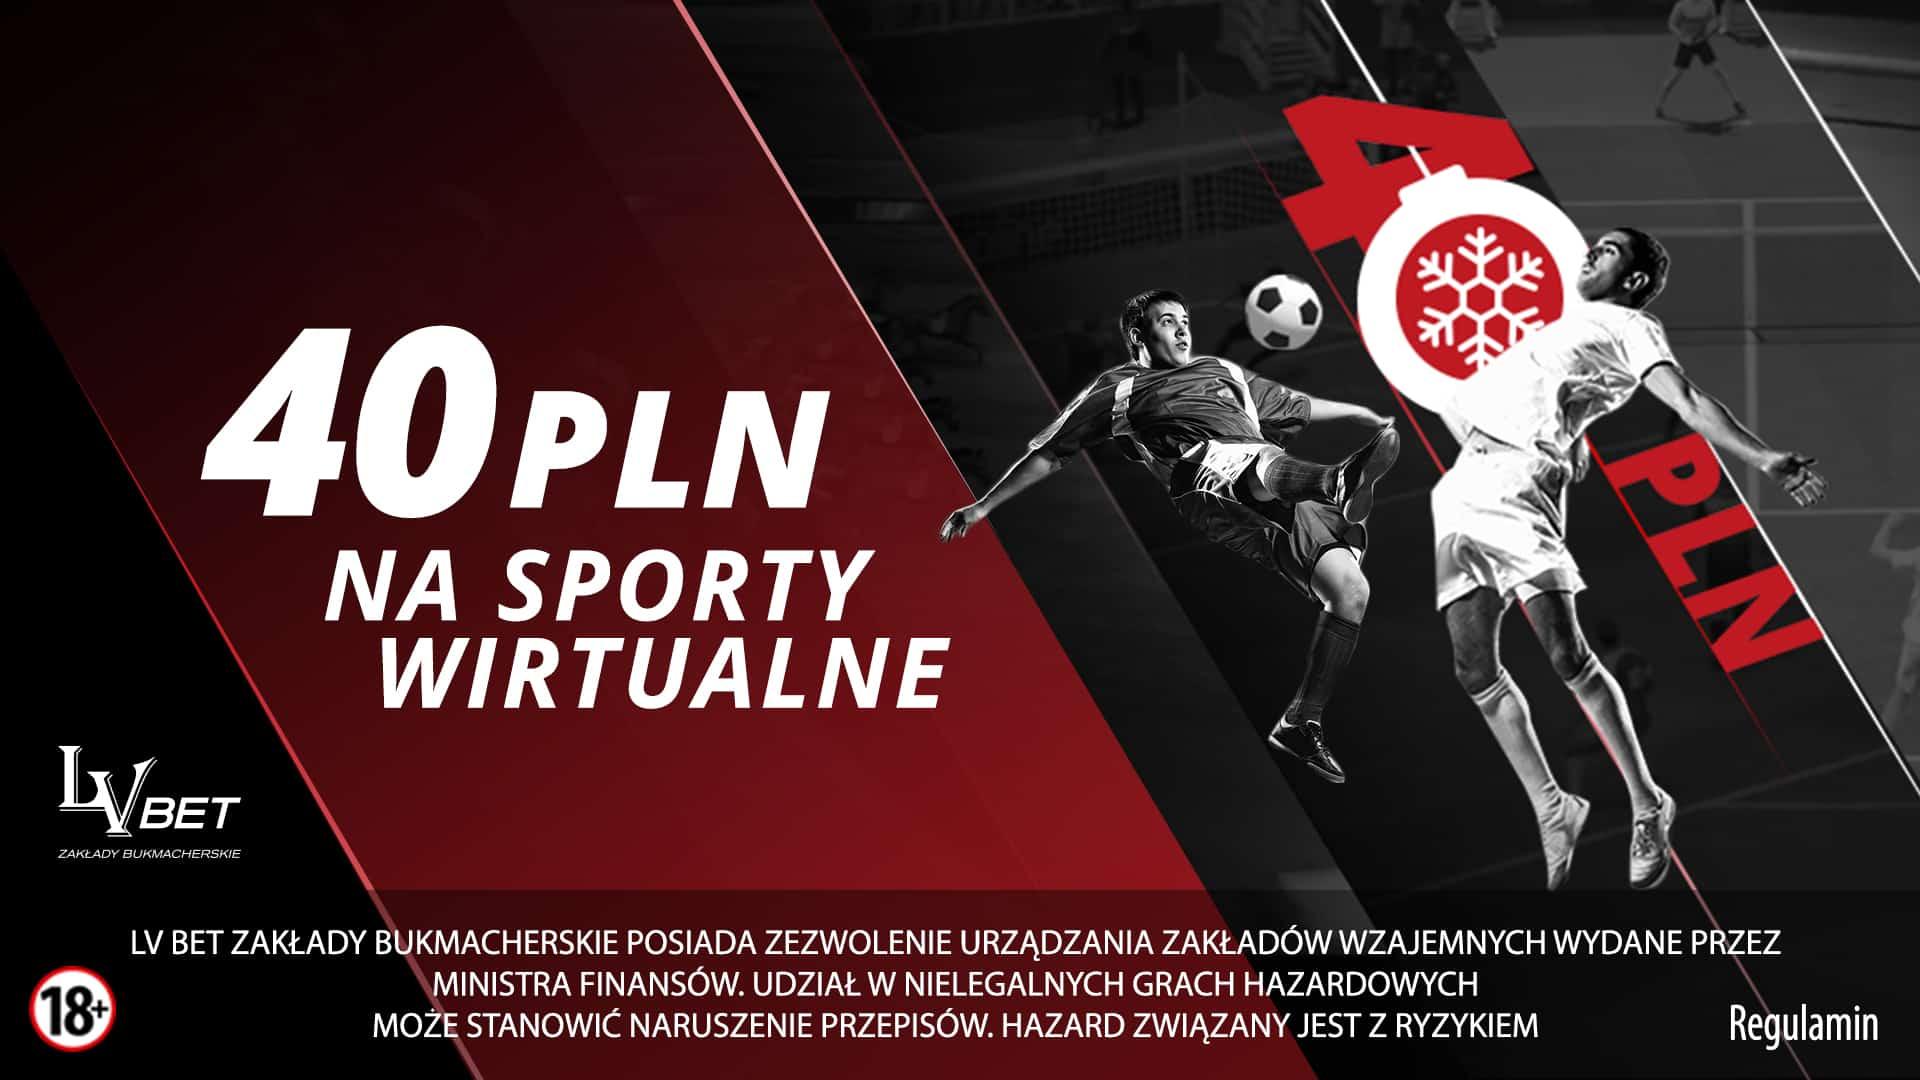 40 PLN na Wirtualne Sporty w LvBET!